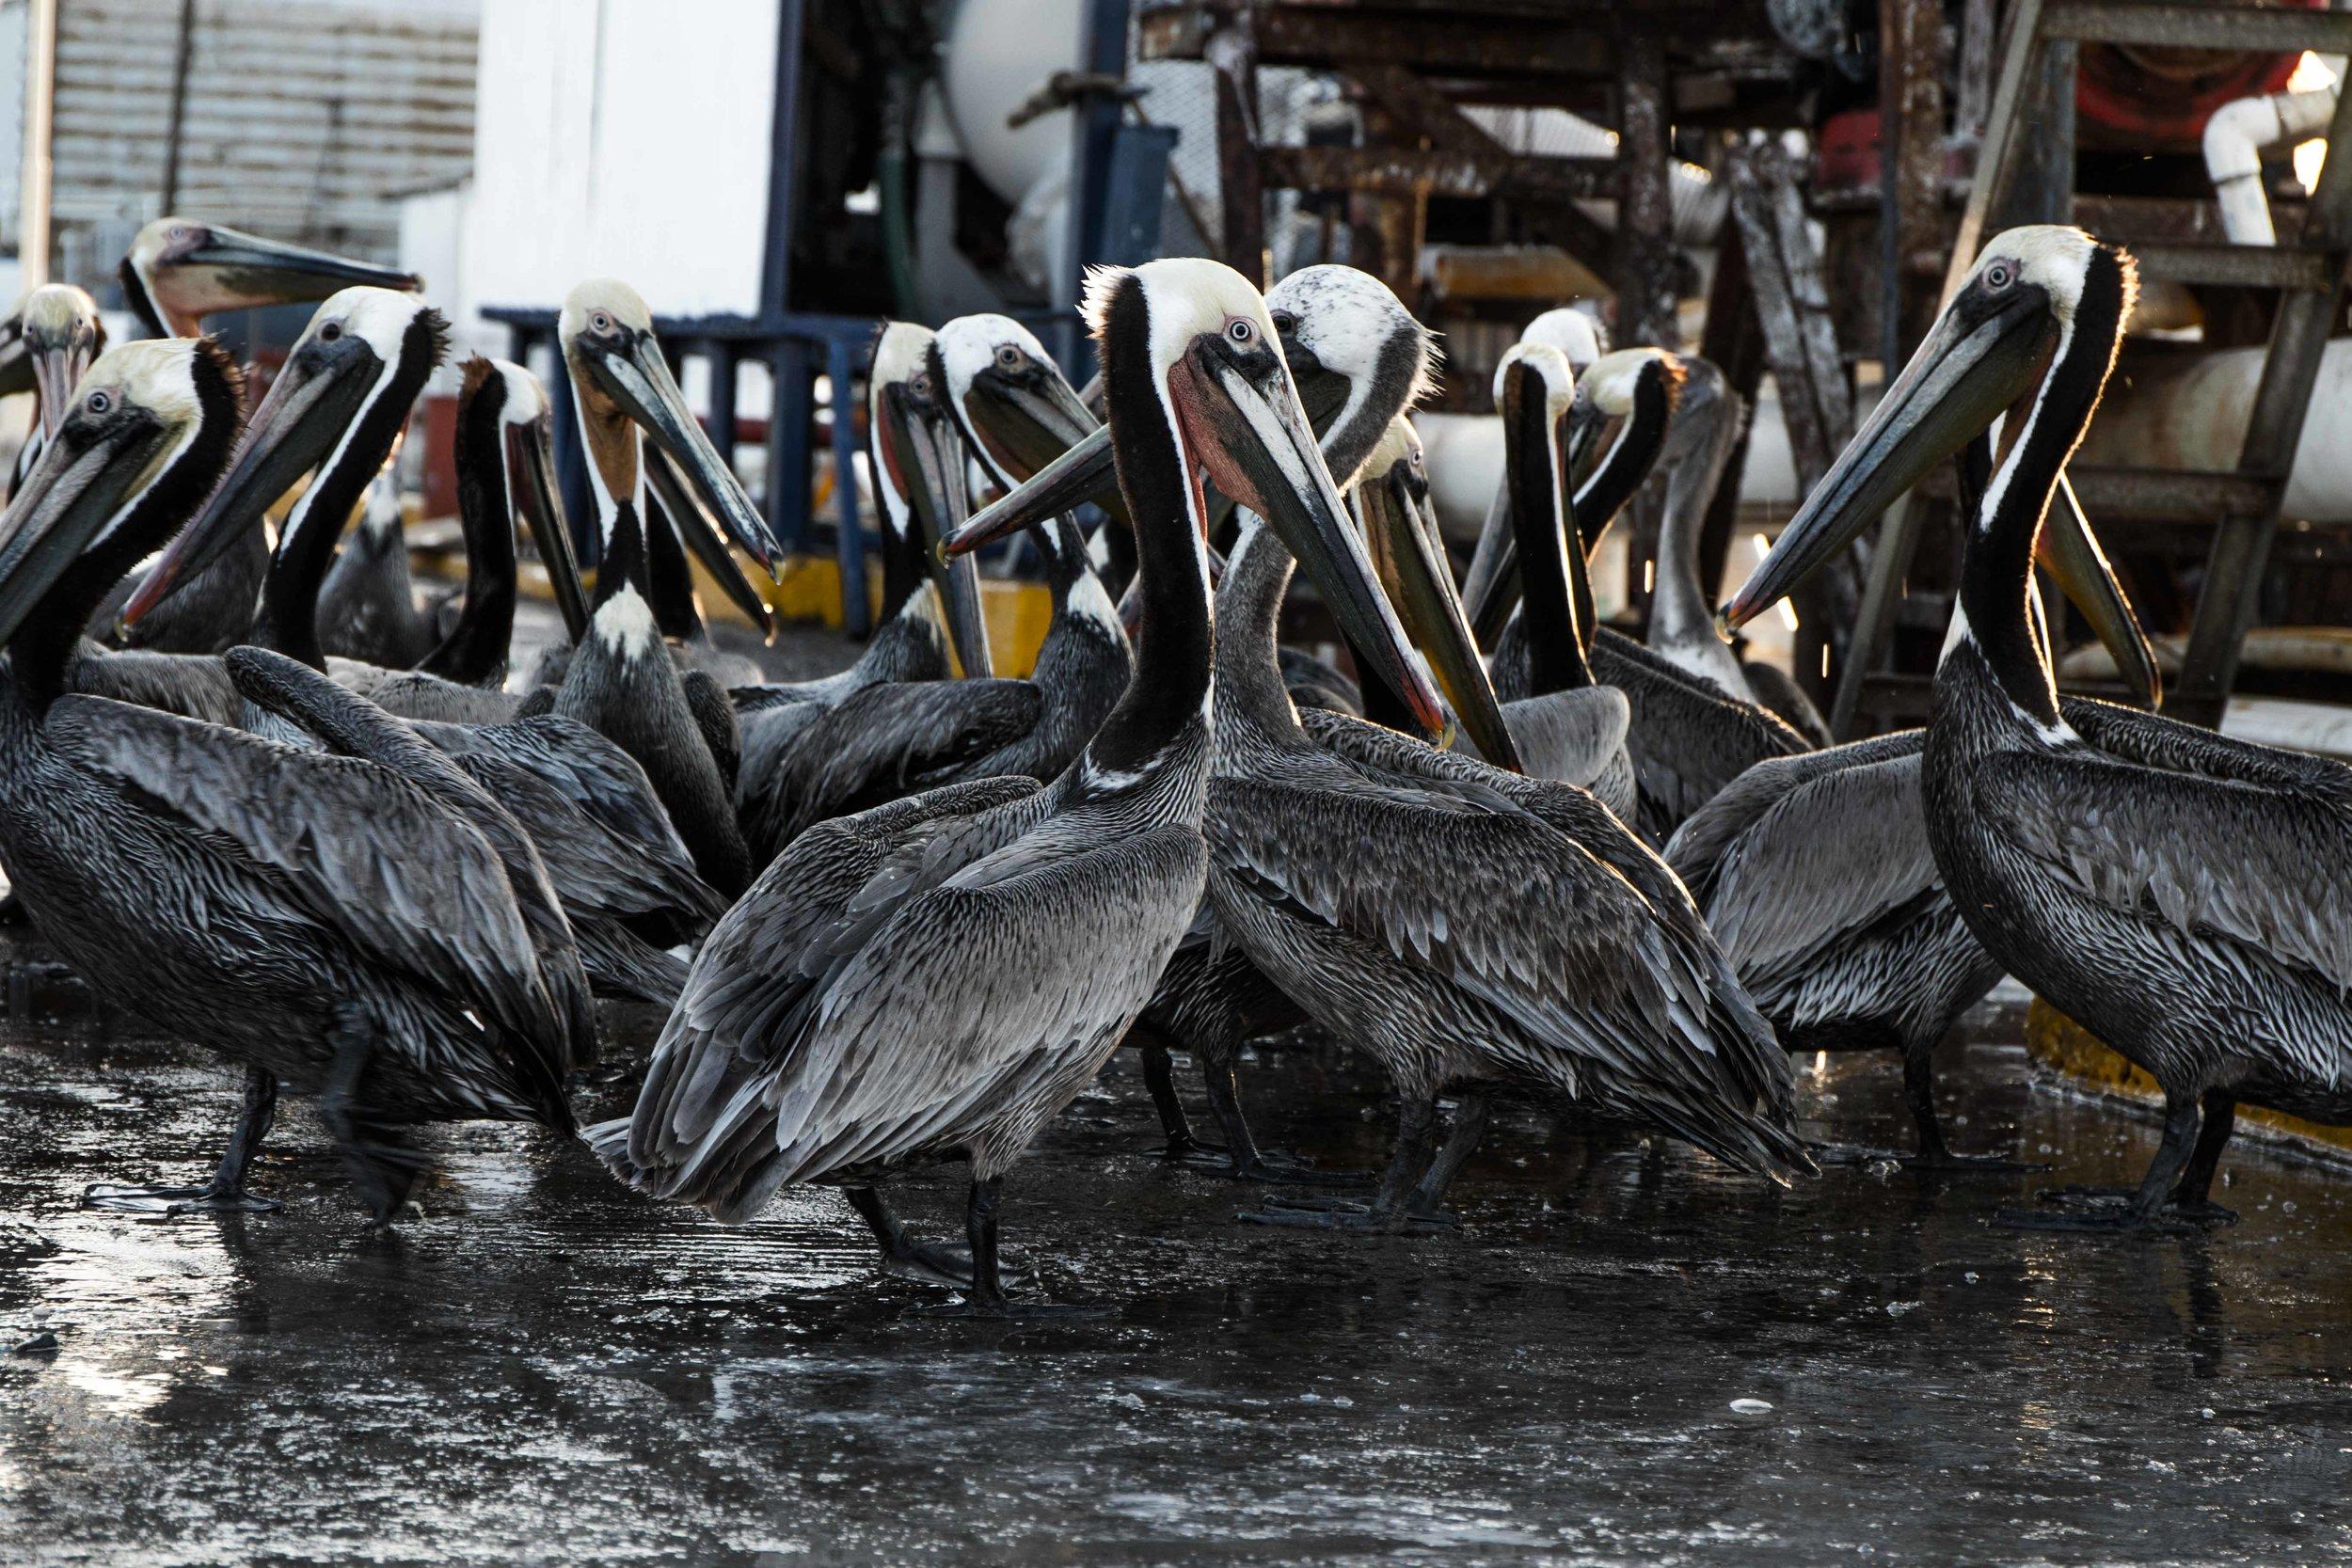 Pelican poachers